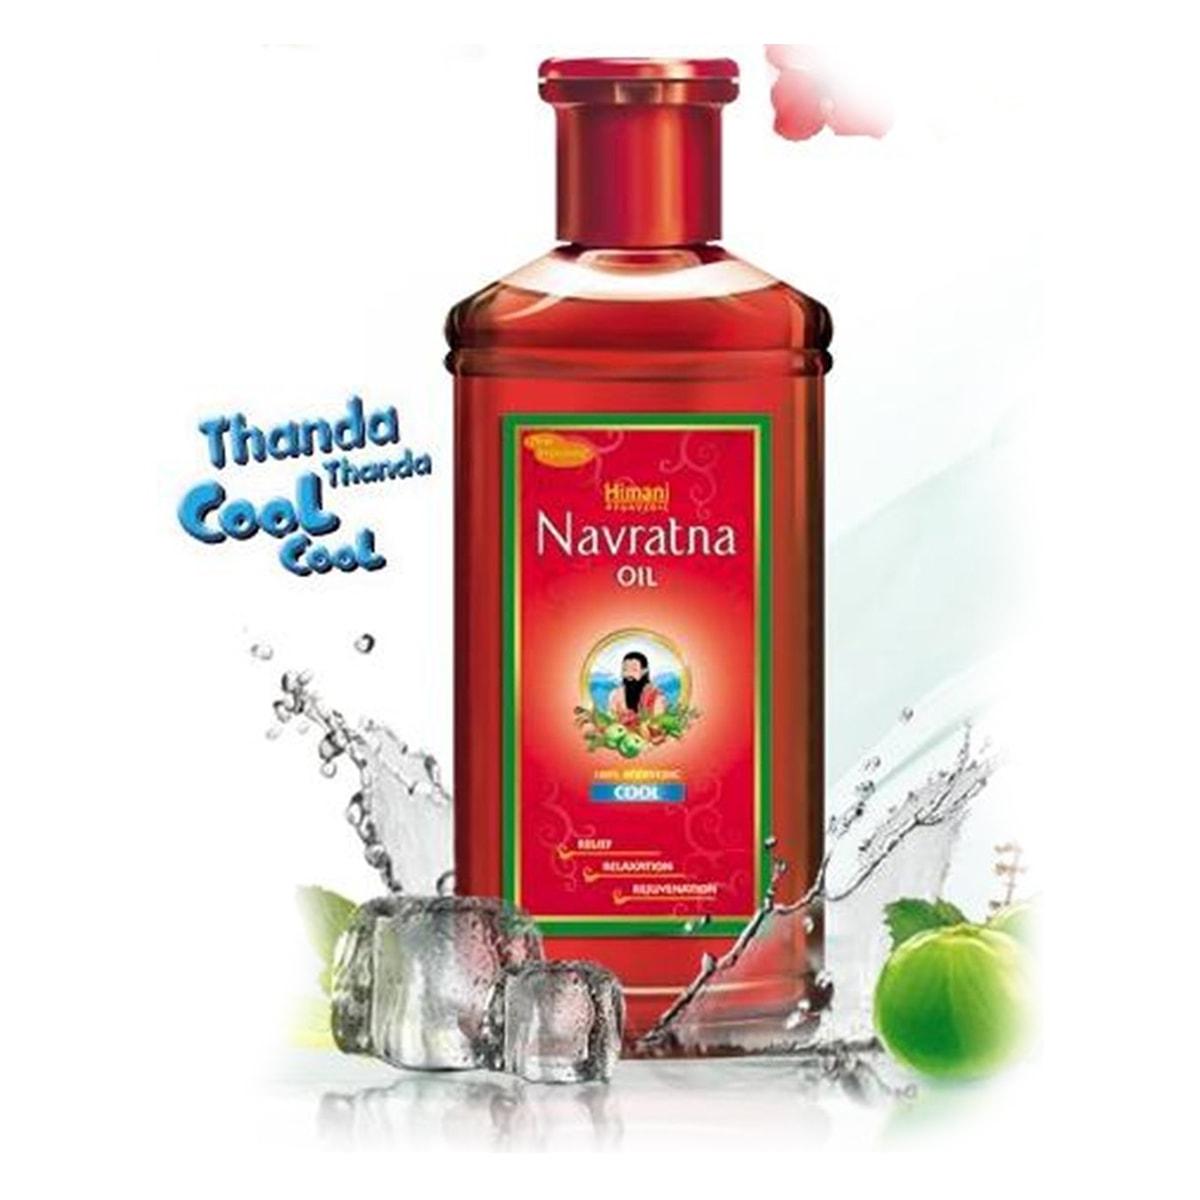 Buy Himani Navratna Oil Cool (100% Herbal) - 200 ml